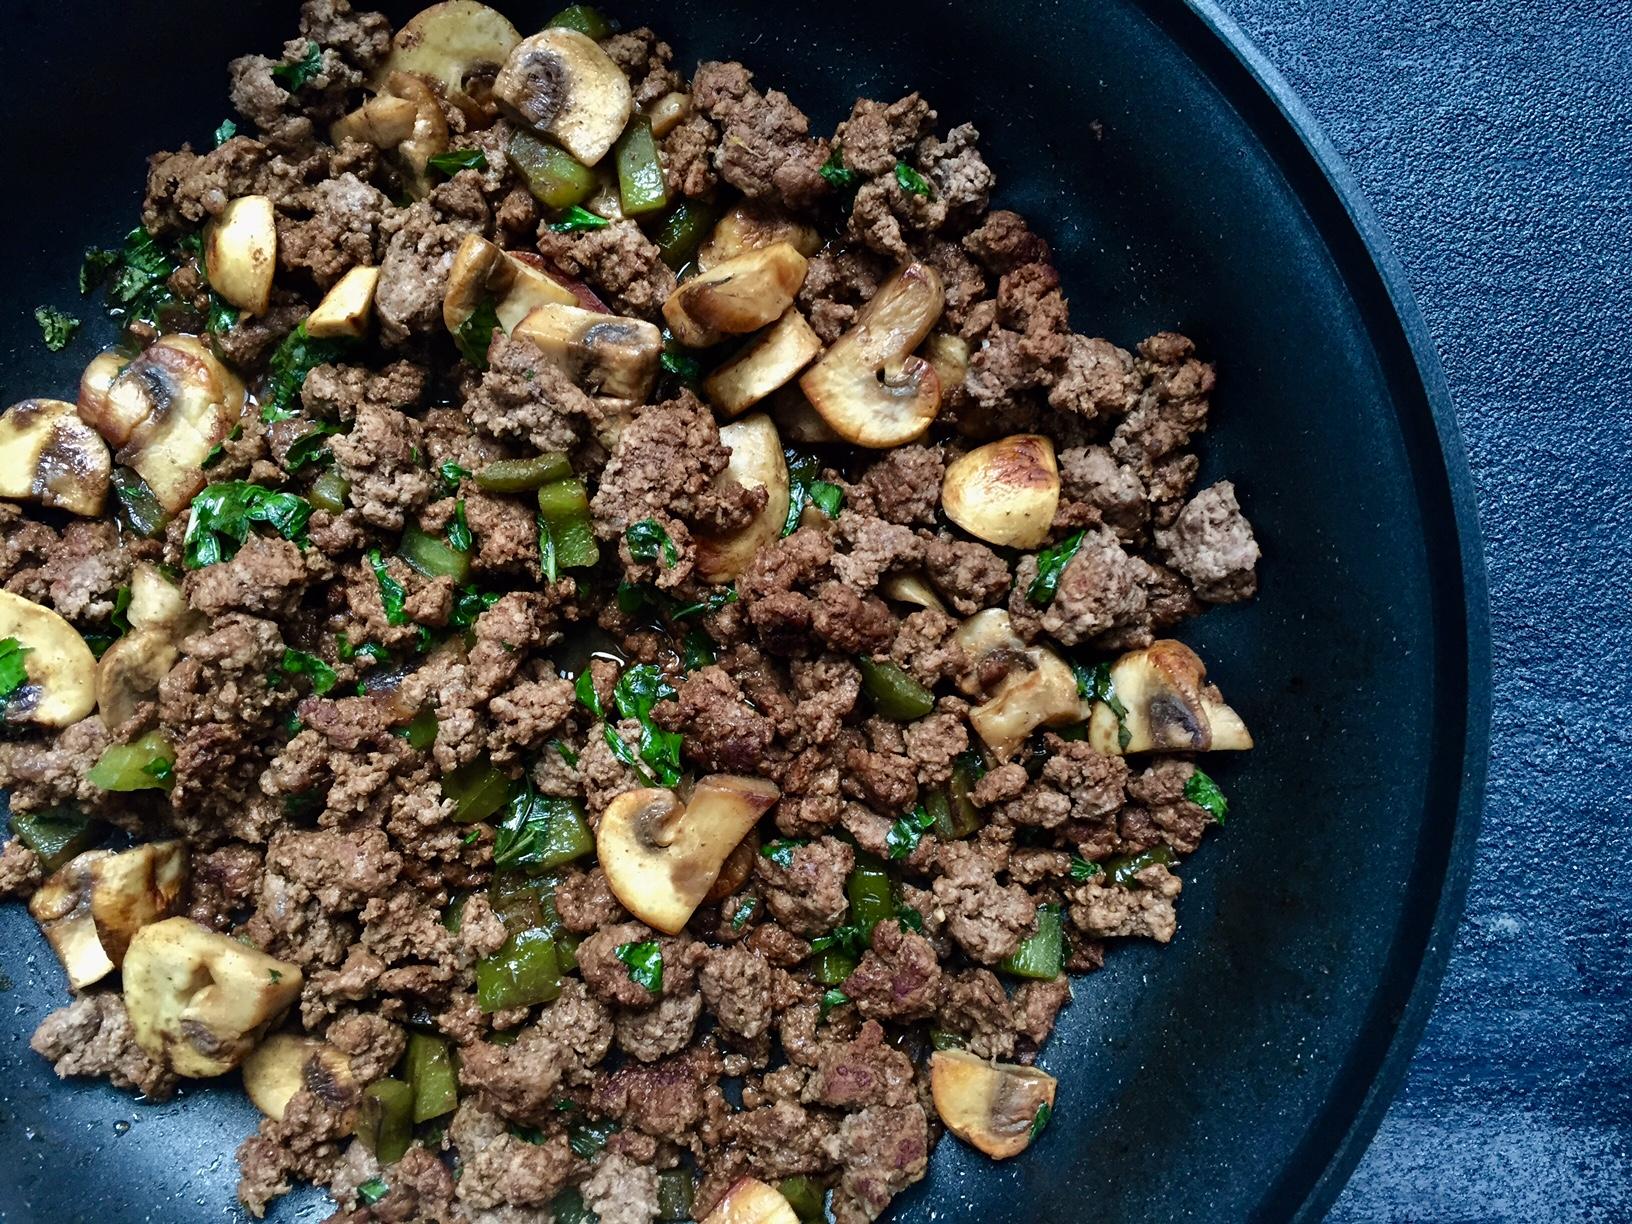 Easy Mushroom and Ground Beef Skillet